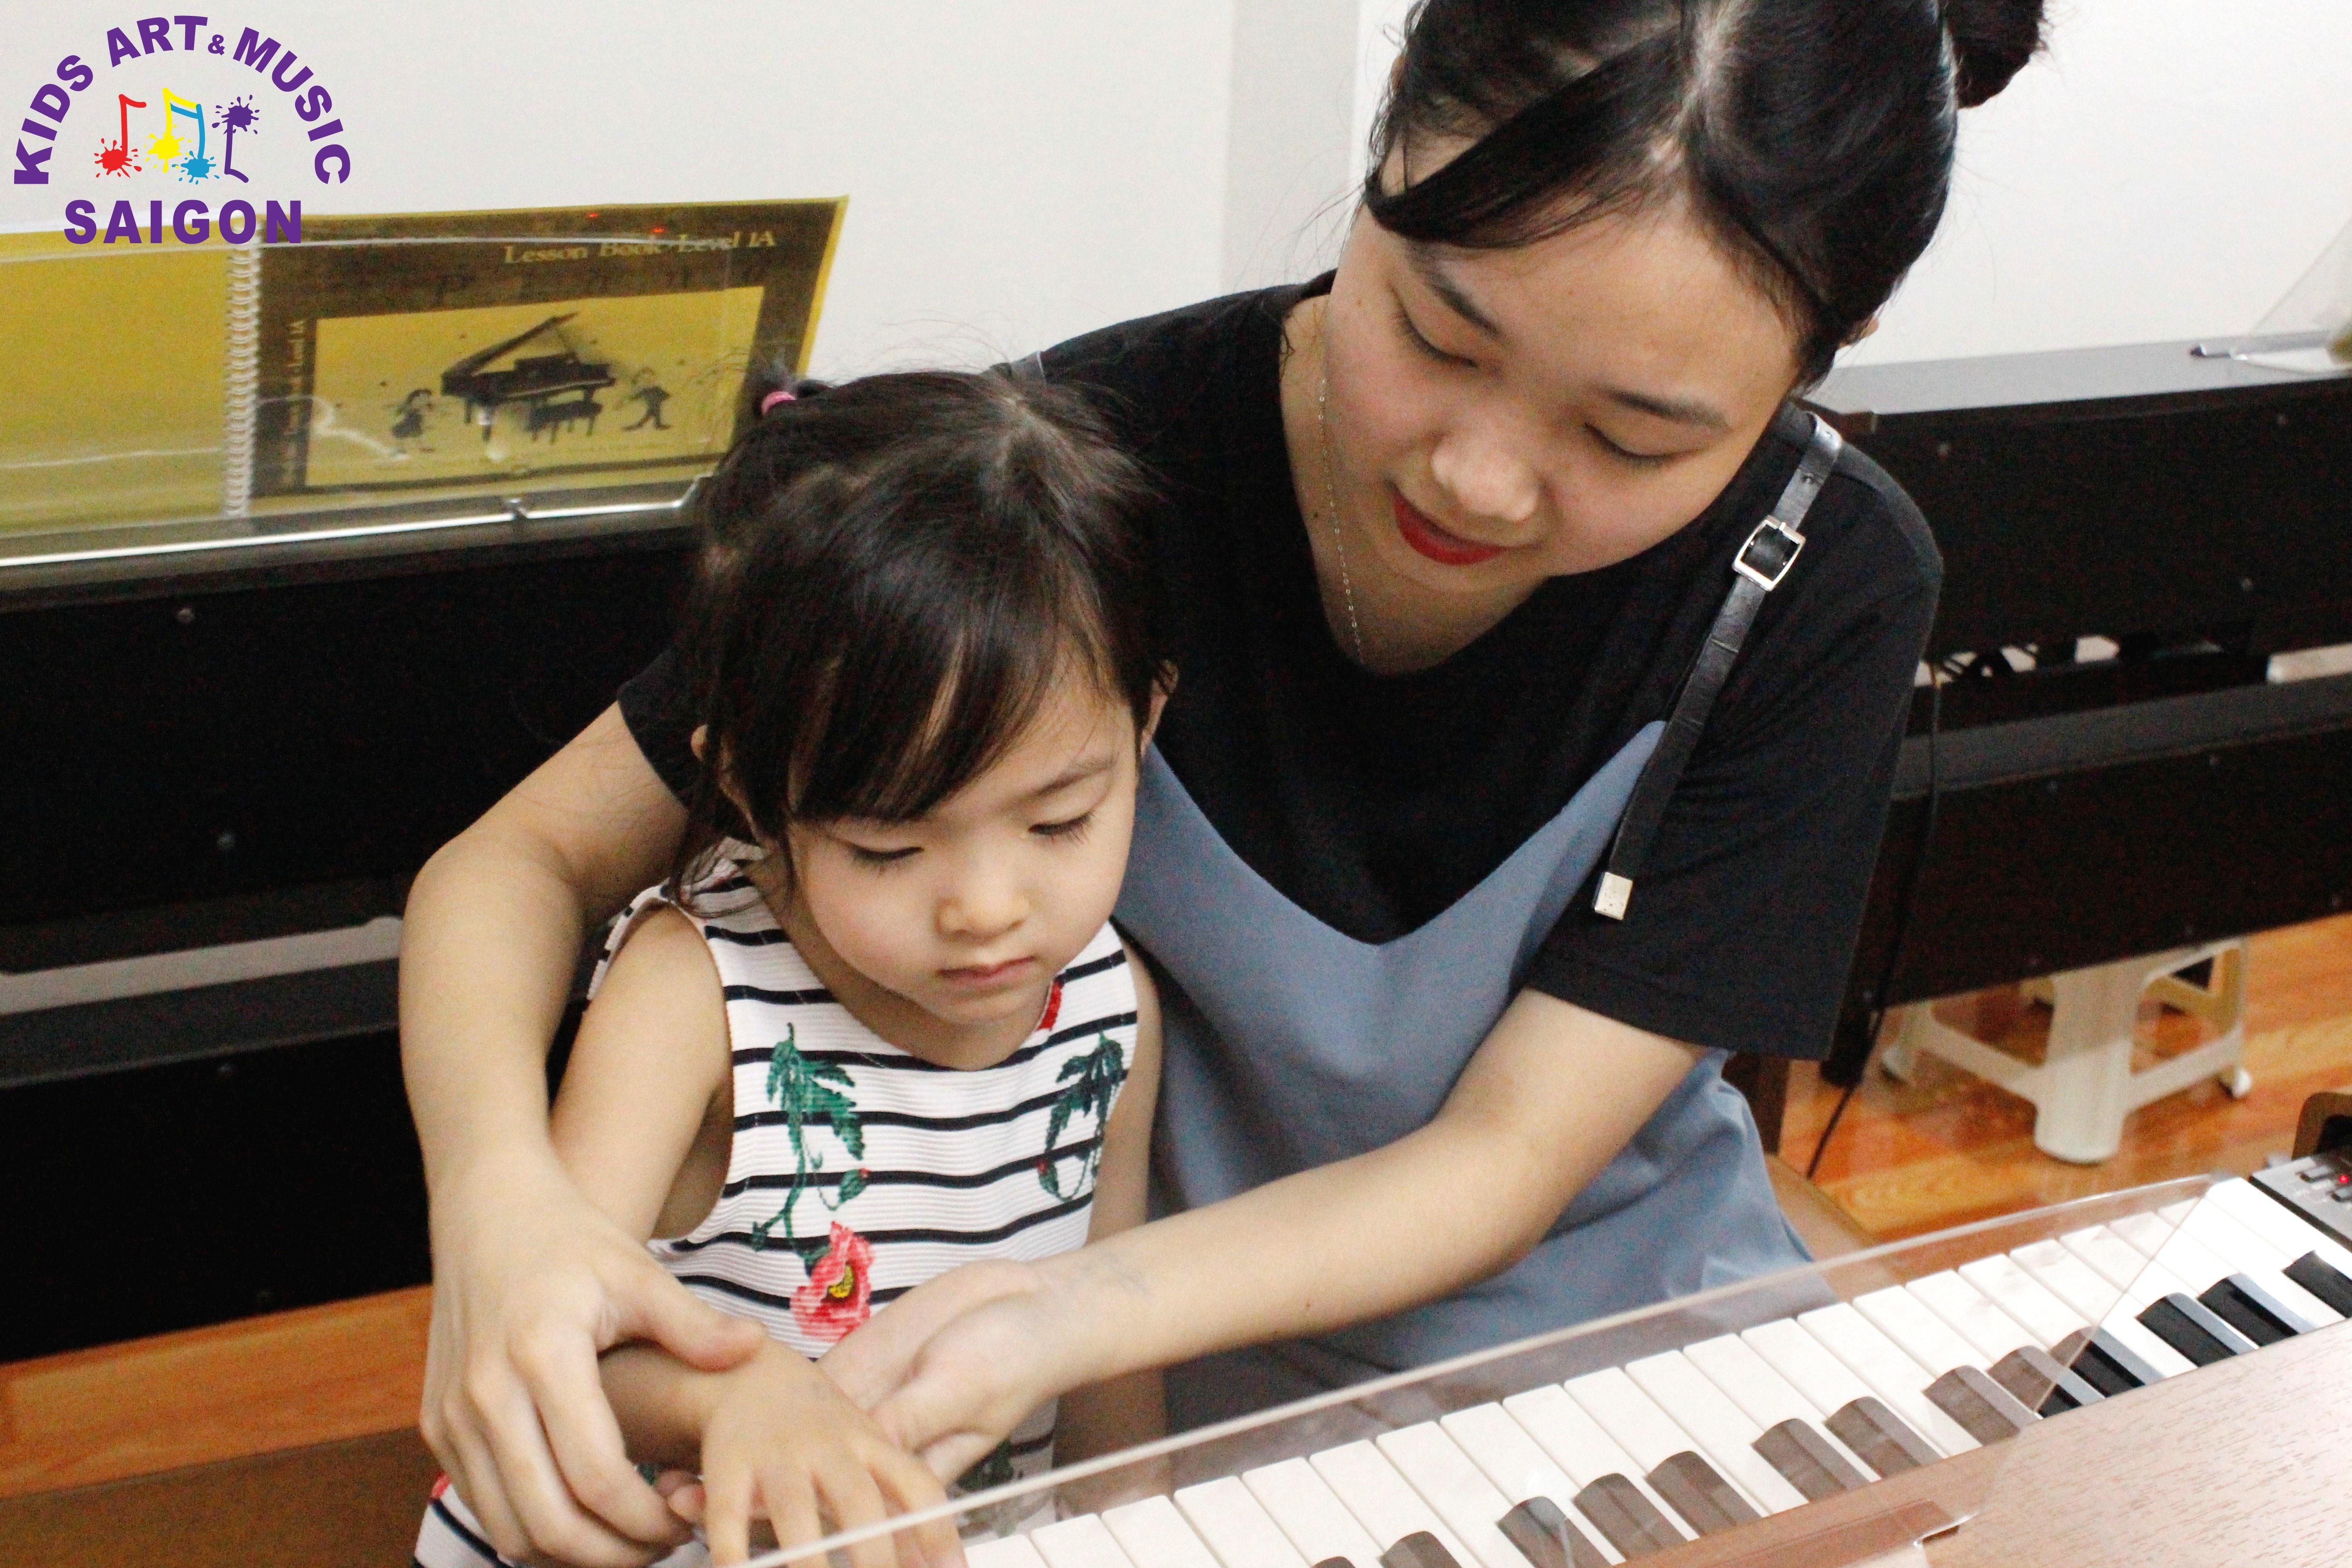 Những lưu ý không thể bỏ qua khi tìm giáo viên dạy piano tại nhà tphcm hình ảnh 1